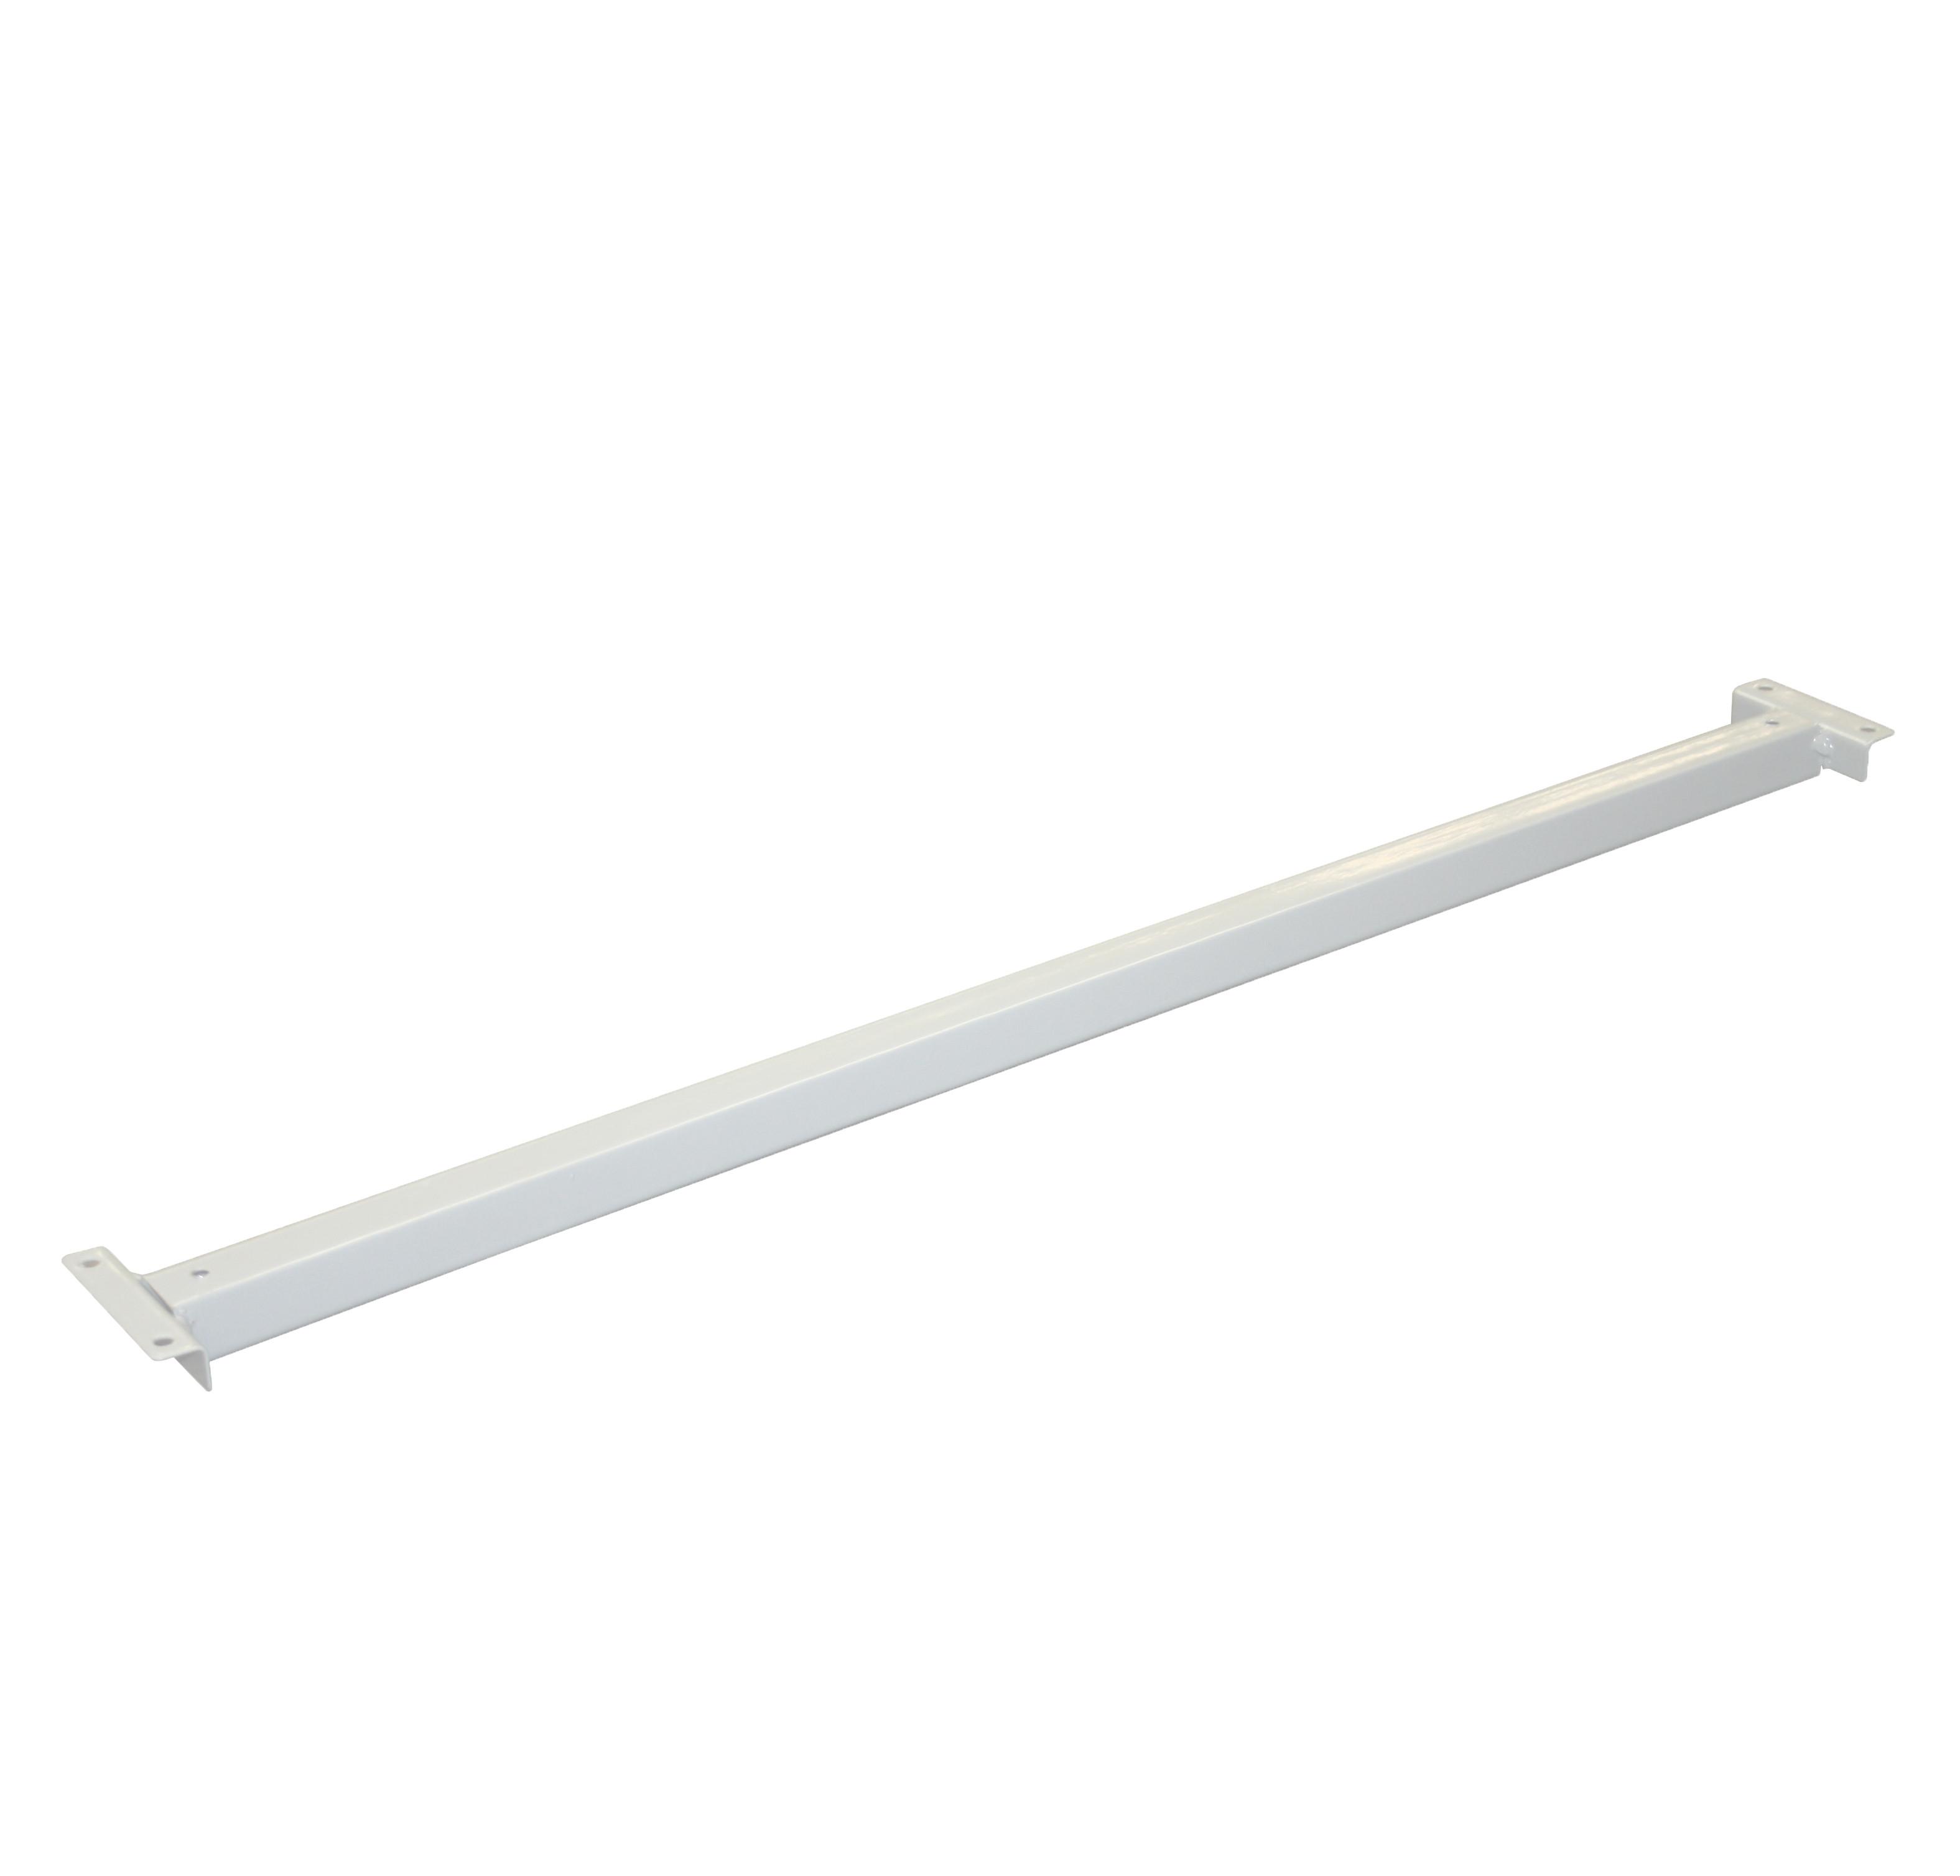 TSB - Shelving Support Bars - White.jpg